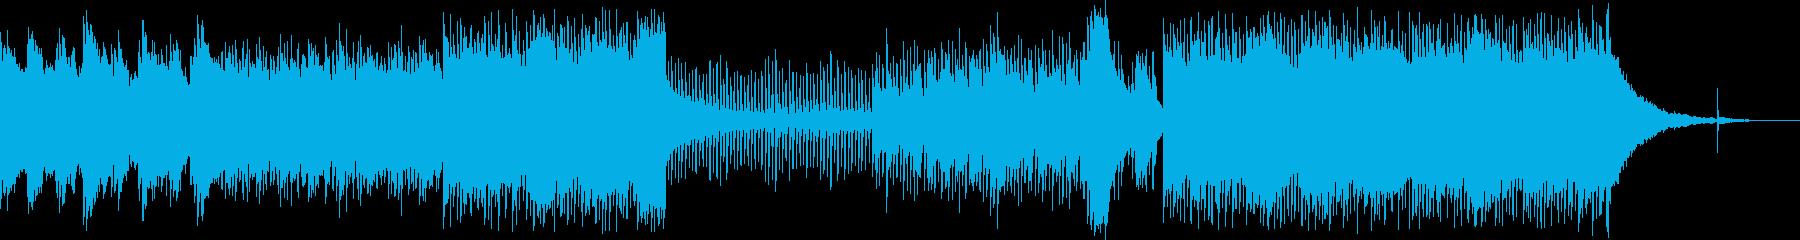 切ないギターロックの再生済みの波形